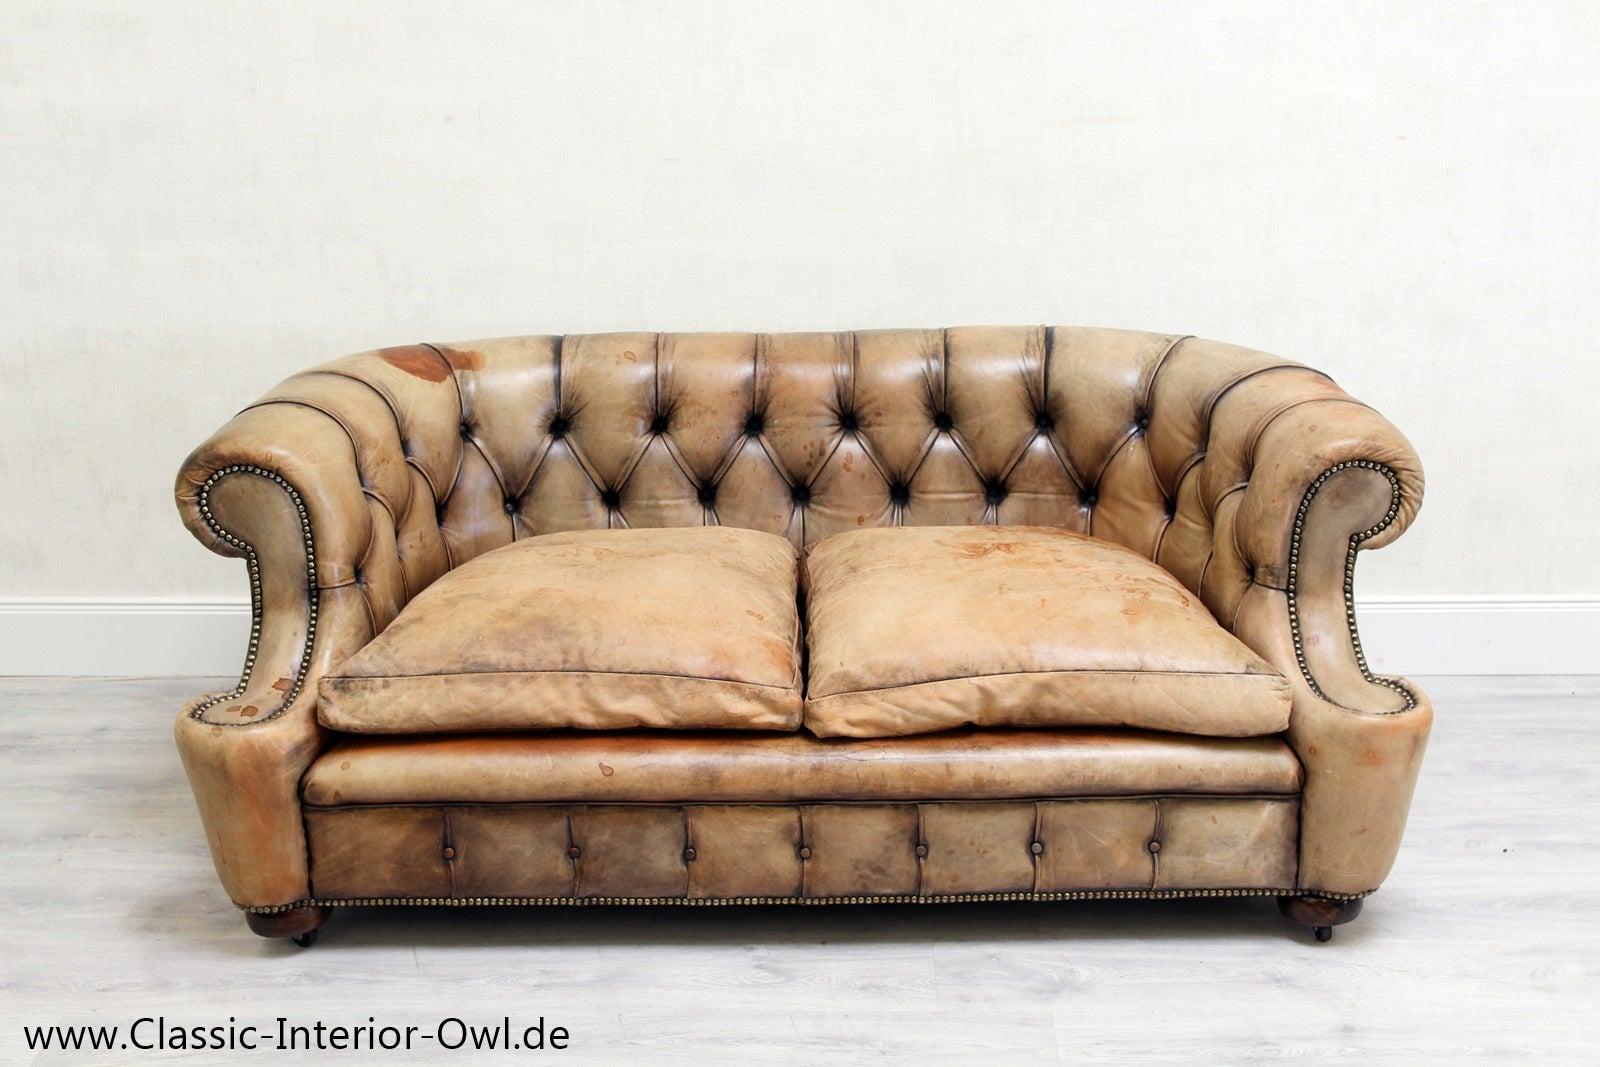 Erstaunlich Alte Ledercouch Dekoration Von Chesterfield Garnitur Antik Sofa Club Leder Couch